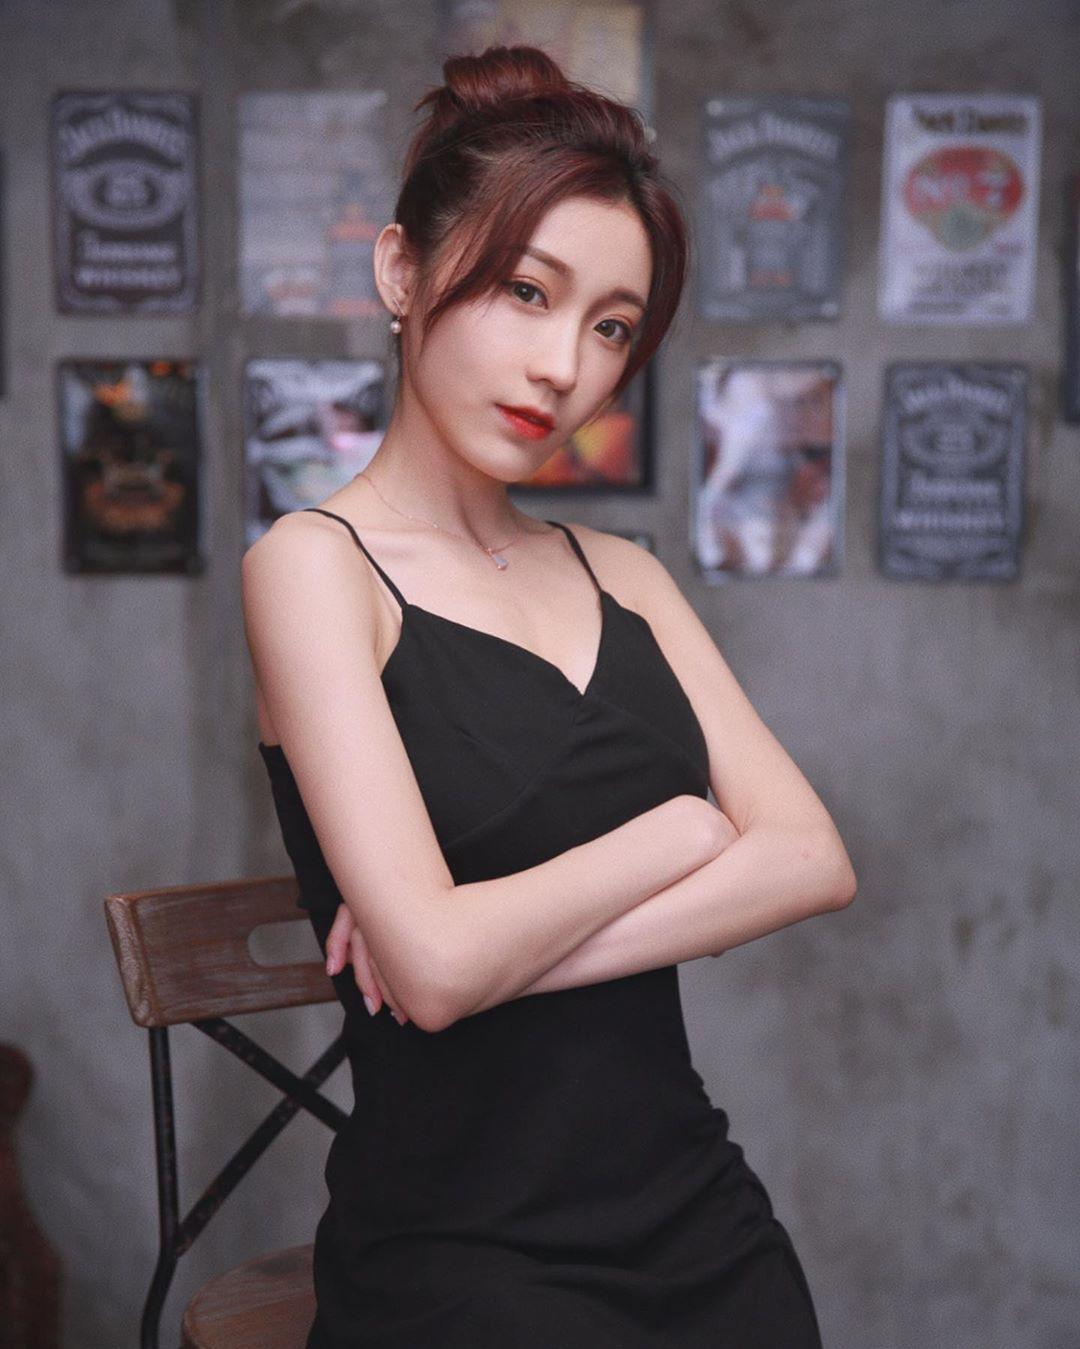 iH2V612X o - IG正妹—Pui Yi 貝貝